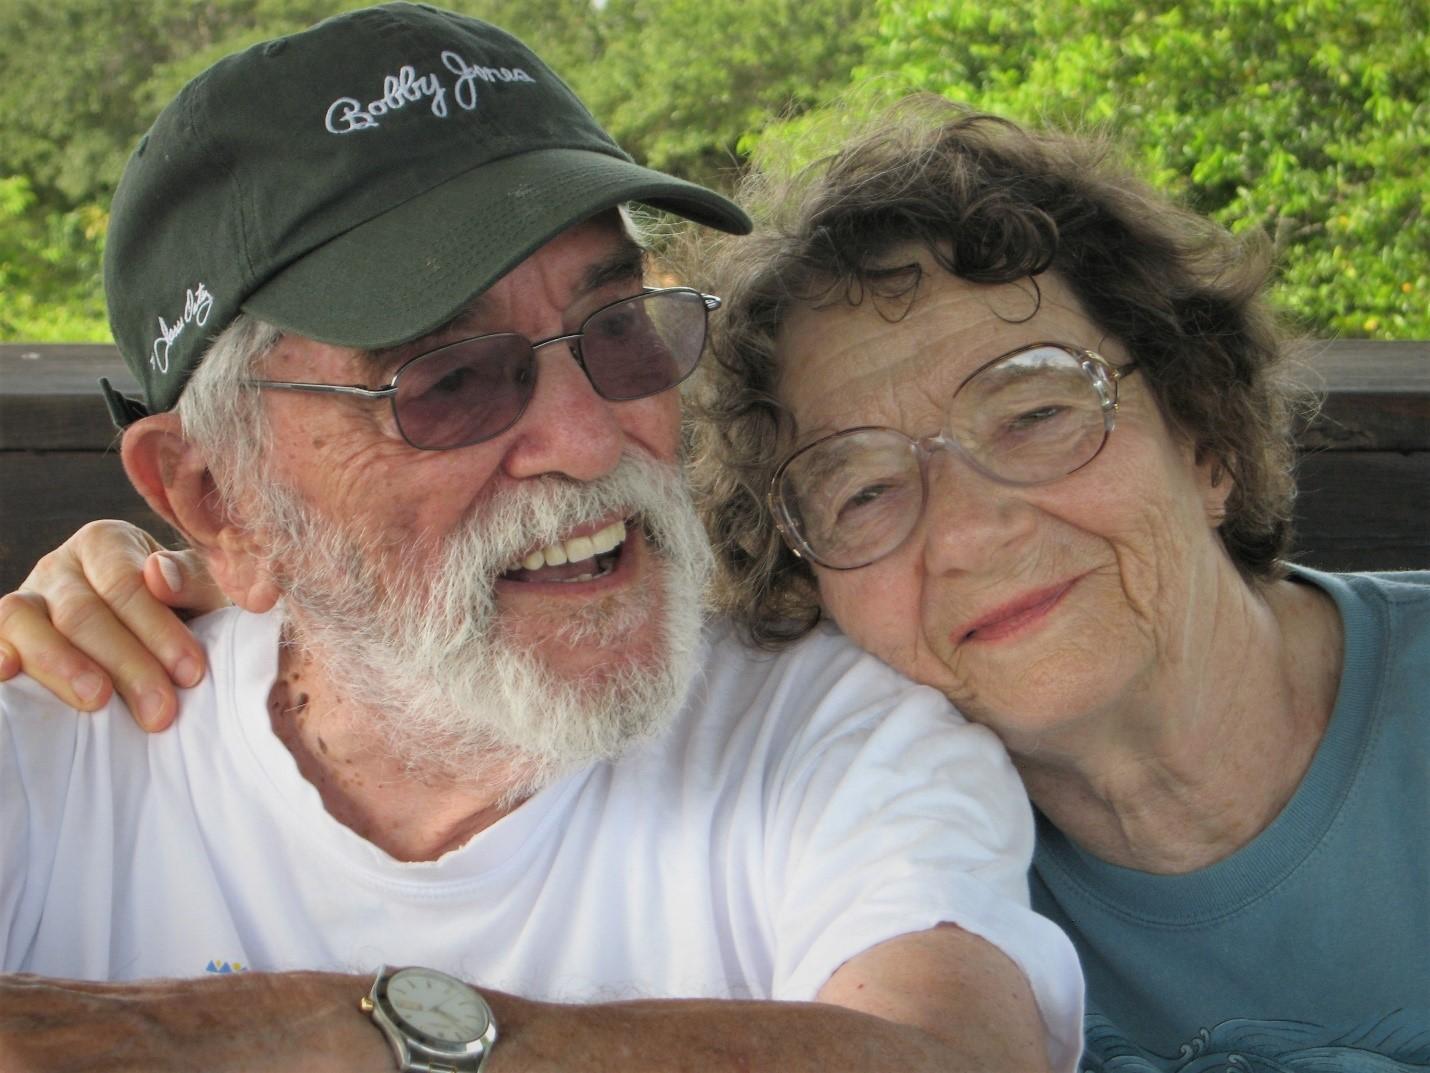 המלקוש של סלוודור מנוחין: טיפול משפחתי על רגל אחת